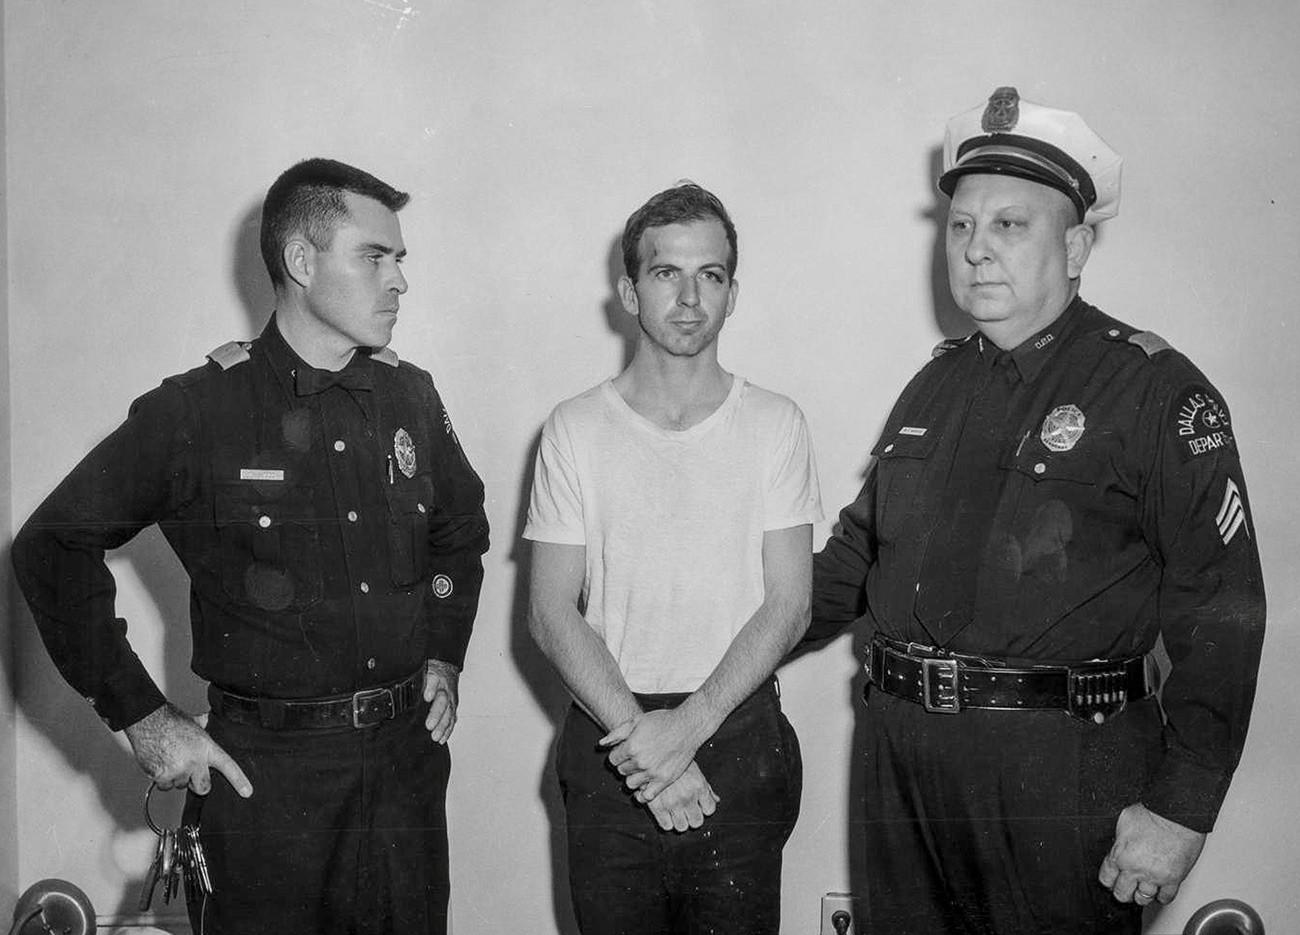 Gambar arsip Departemen Kepolisian Dallas menunjukkan bahwa pembunuh Kennedy Oswald berdiri bersama petugas Kepolisian Dallas.